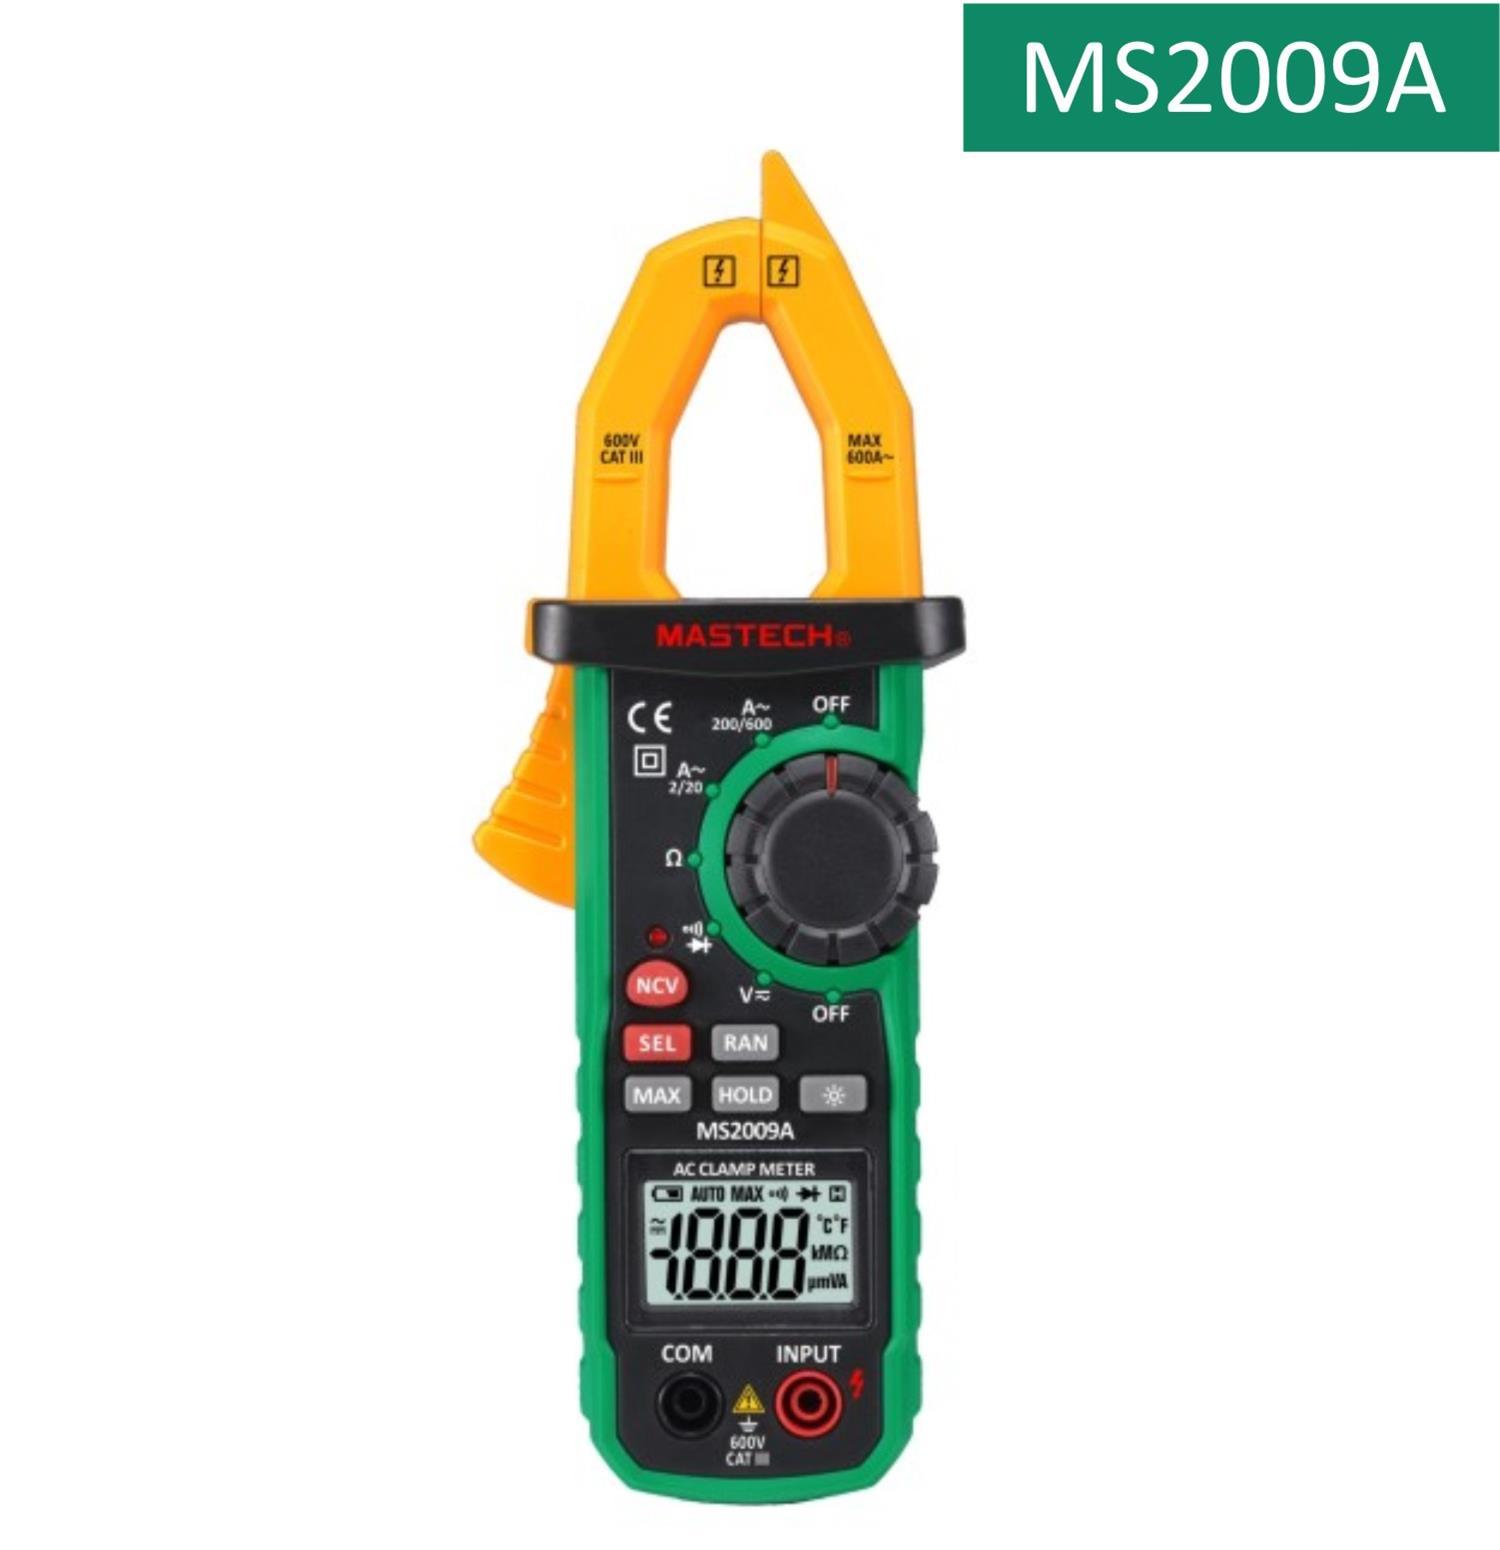 MS2009A